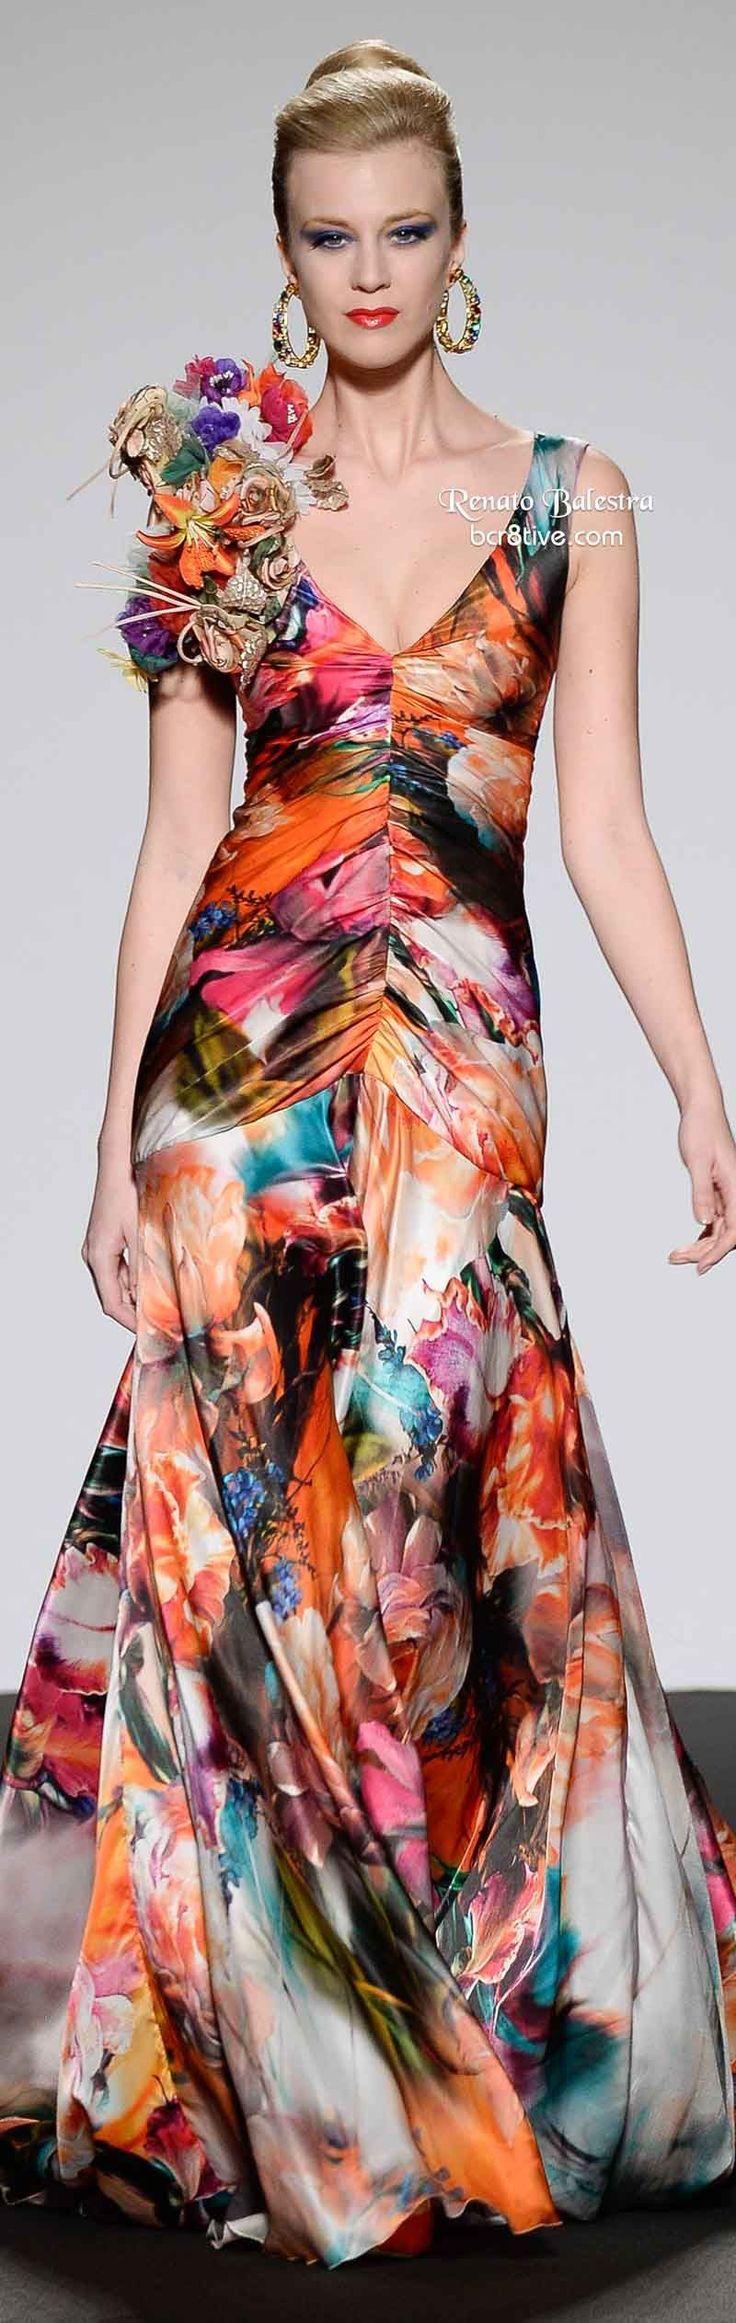 62 besten Long Gowns Bilder auf Pinterest | Lange kleider, Leder und ...